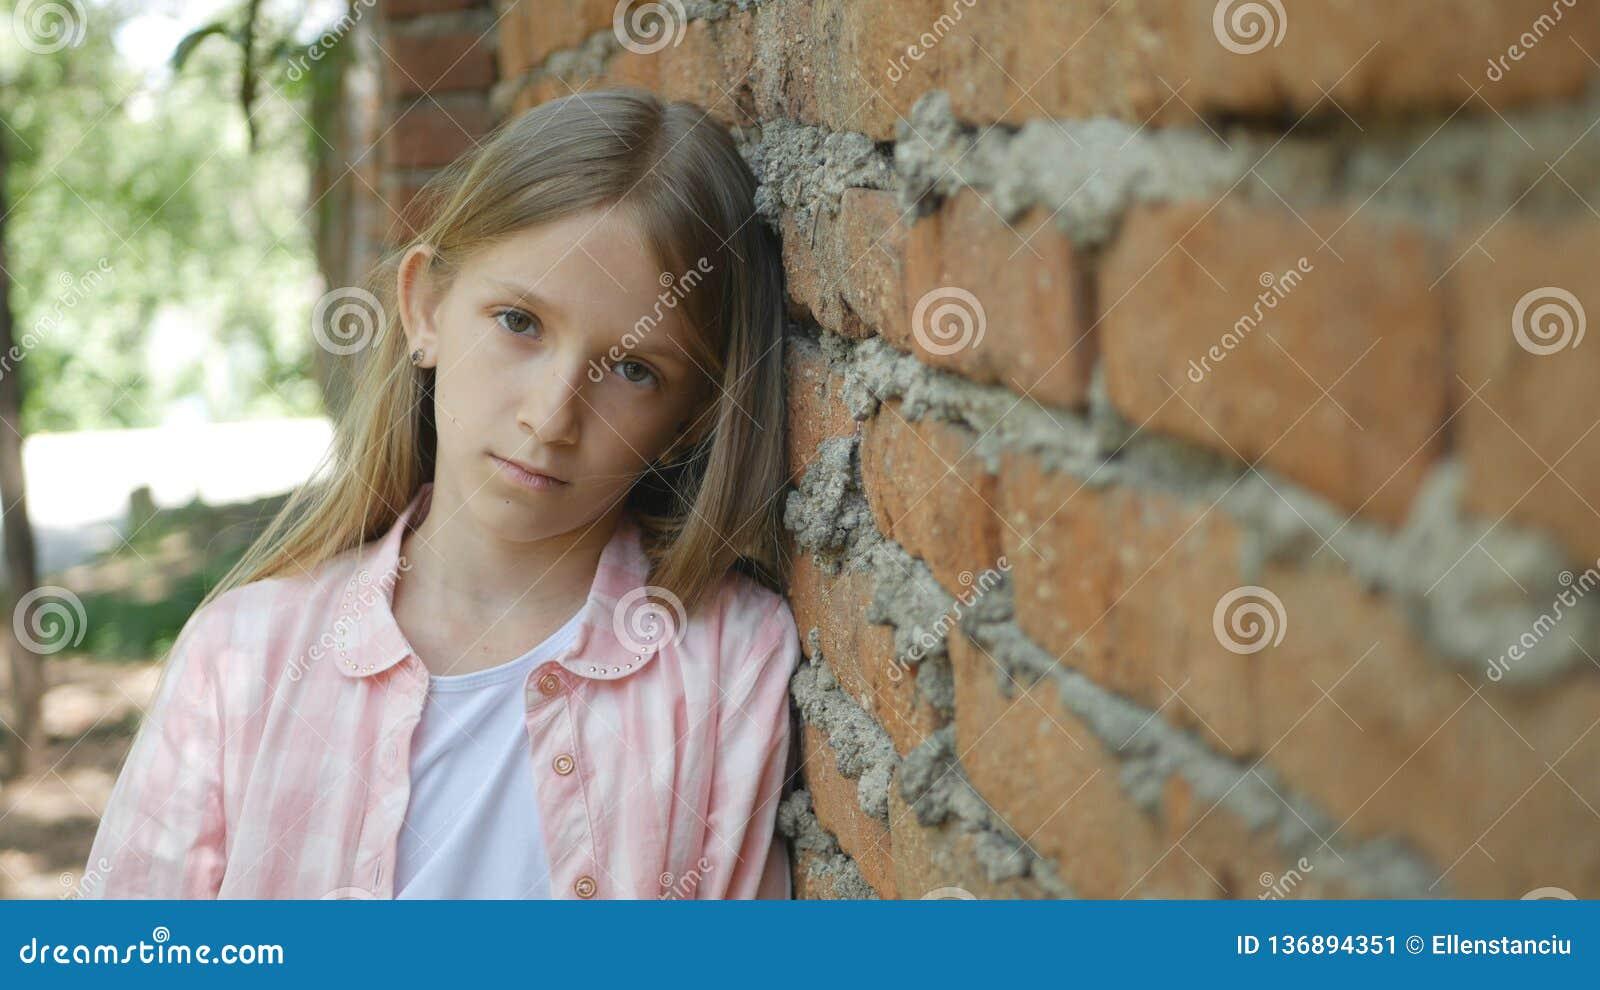 Λυπημένο καταθλιπτικό παιδί που φαίνεται κεκλεισμένων των θυρών, τρυπημένο πορτρέτο κοριτσιών, δυστυχισμένο πρόσωπο παιδιών